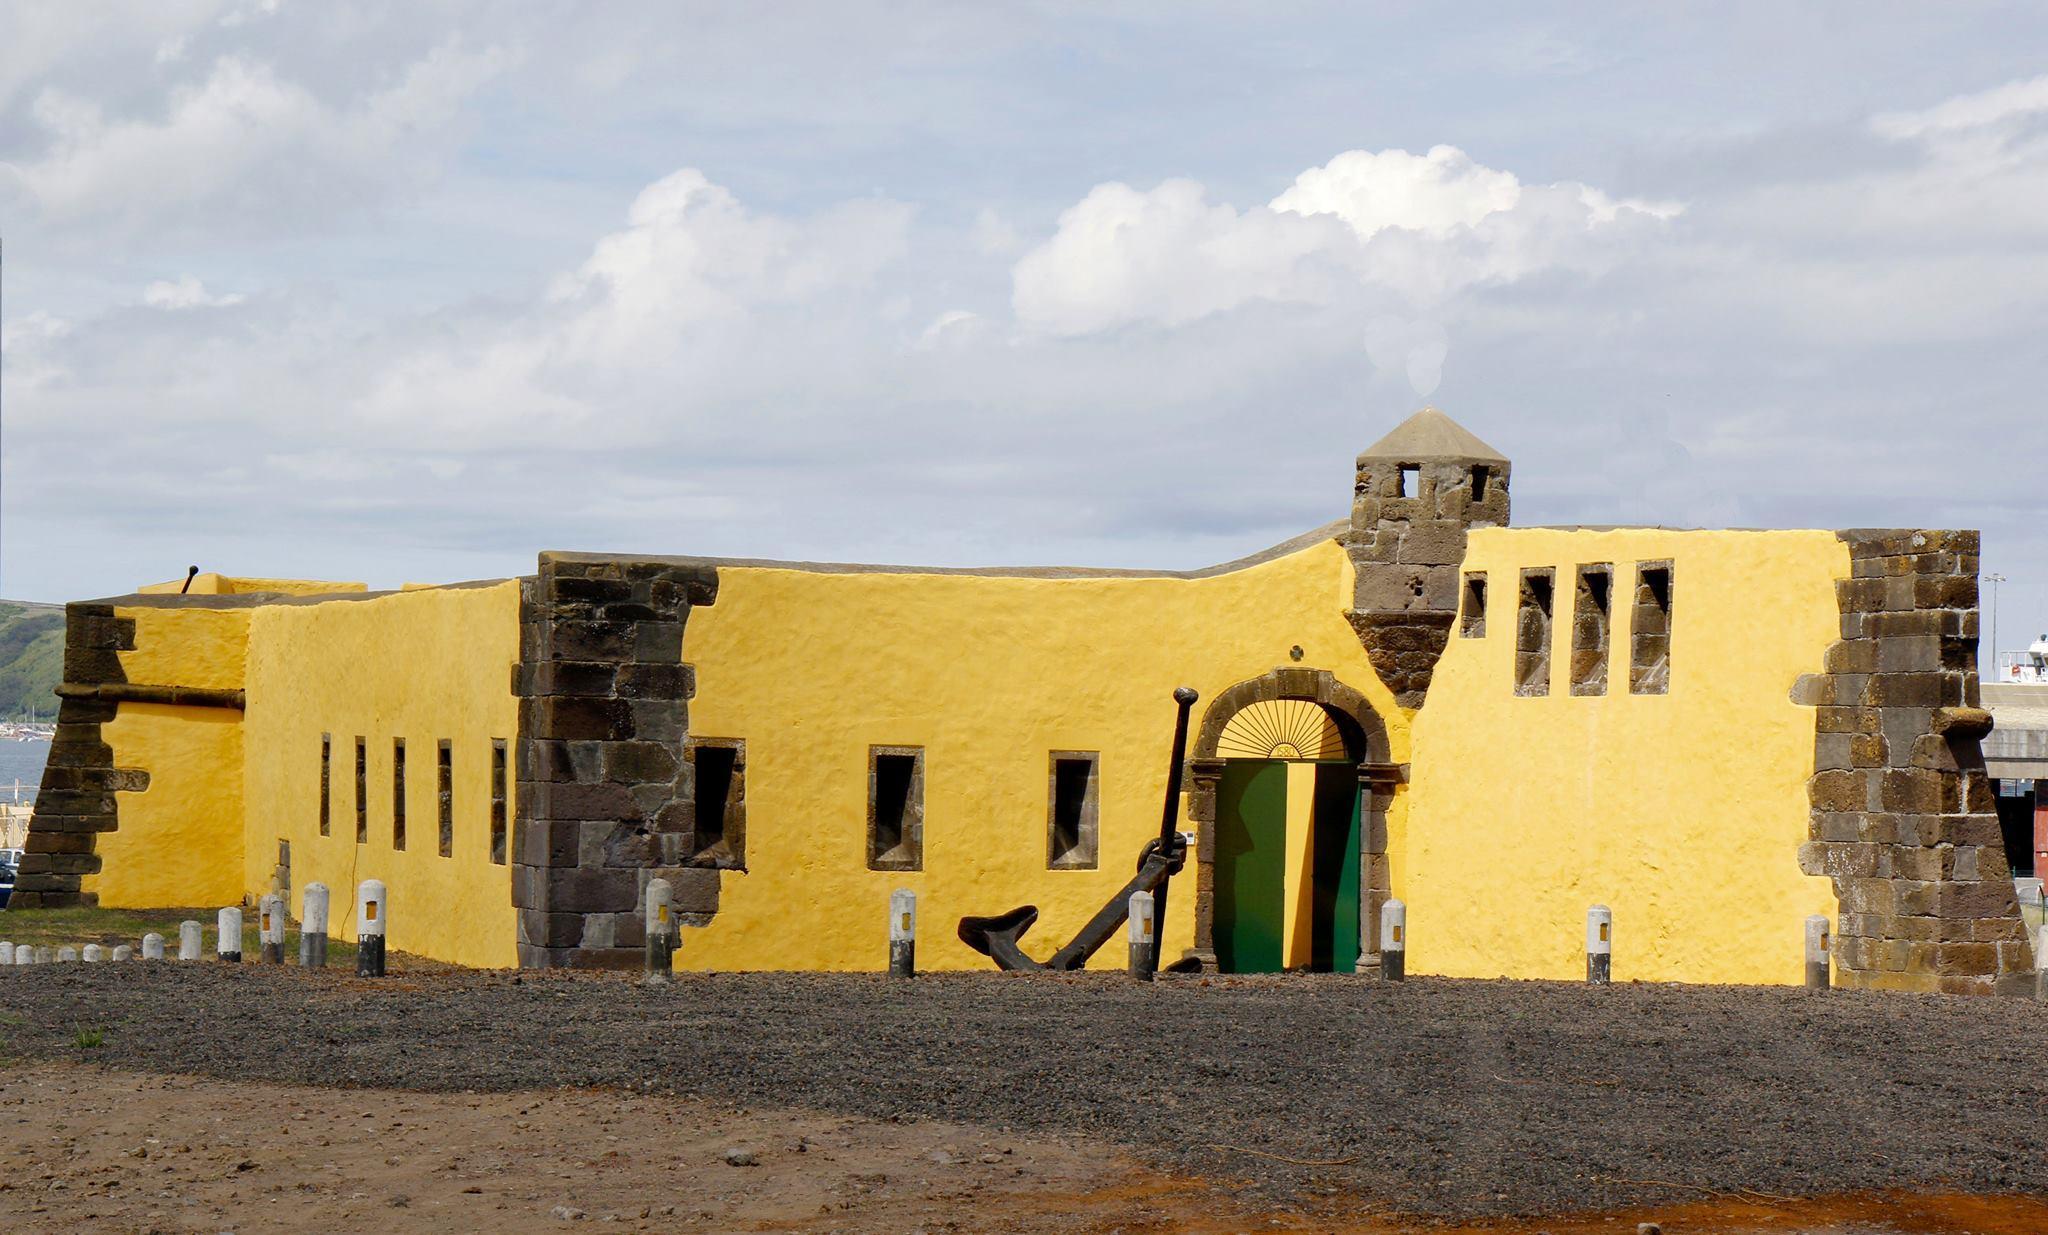 Forte de Santa Catarina - Praia da Vitória, Ilha Terceira - São Miguel, Açores